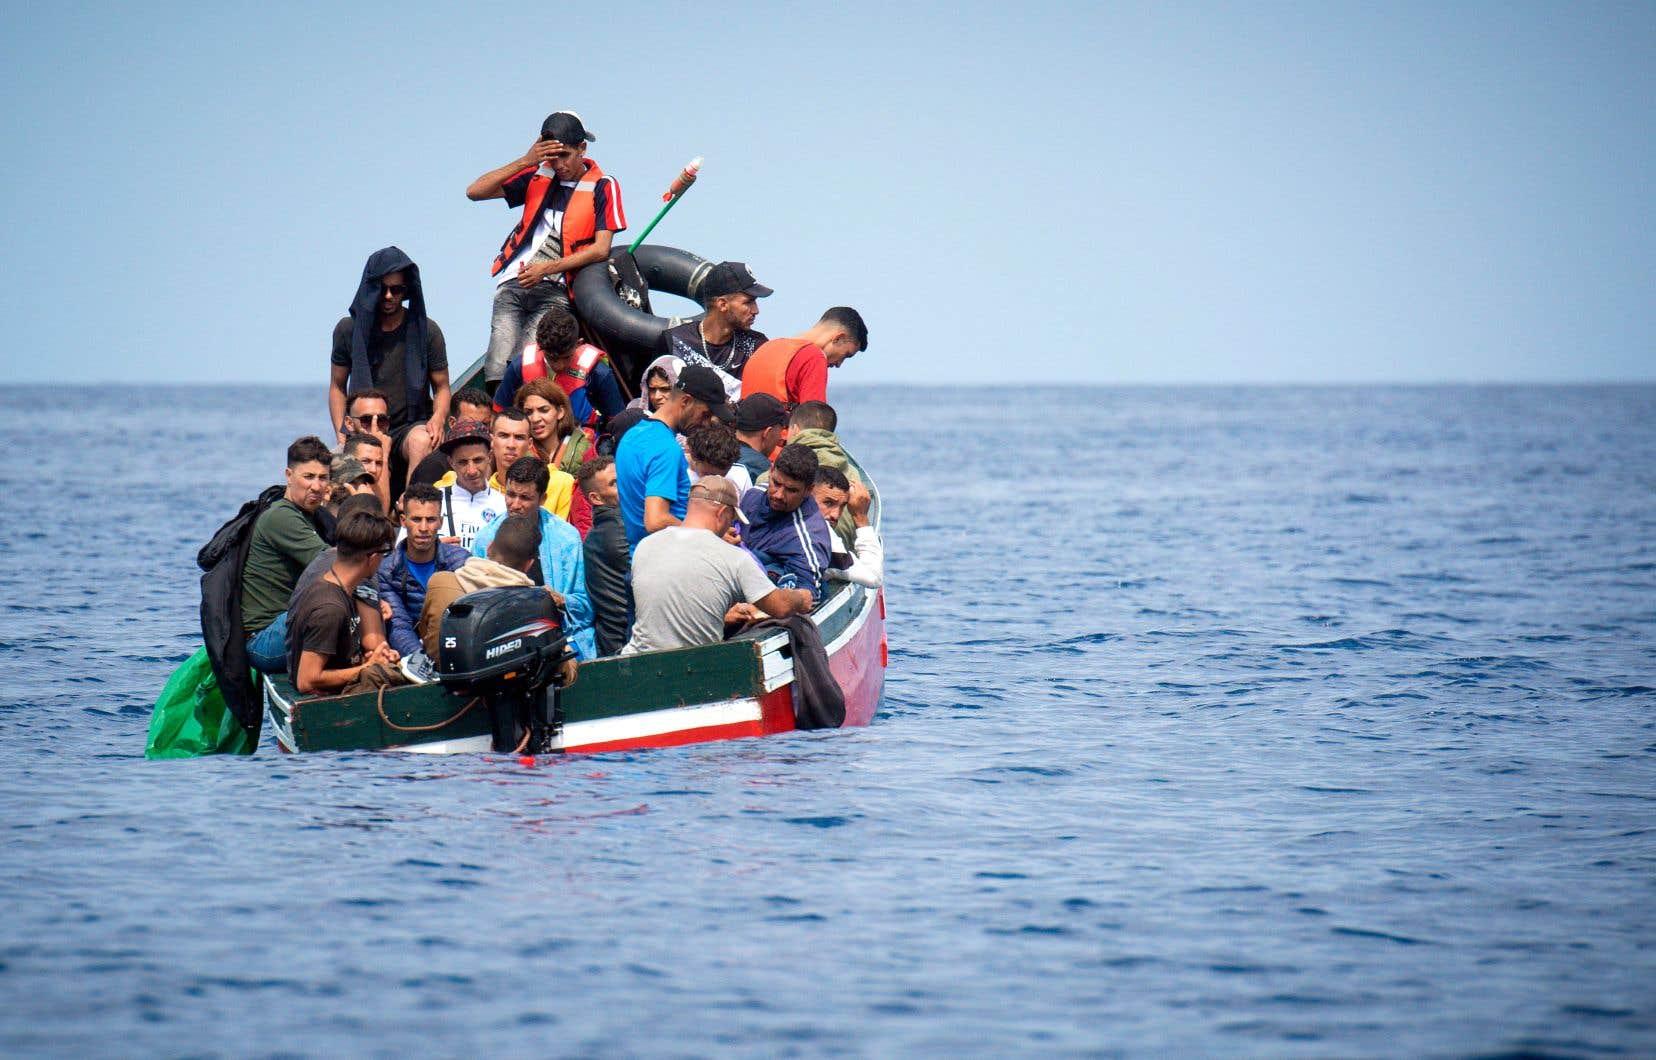 Les téléphones intelligents vont conduire les migrants embarqués sur des routes incertaines, voire corriger leur itinéraire.